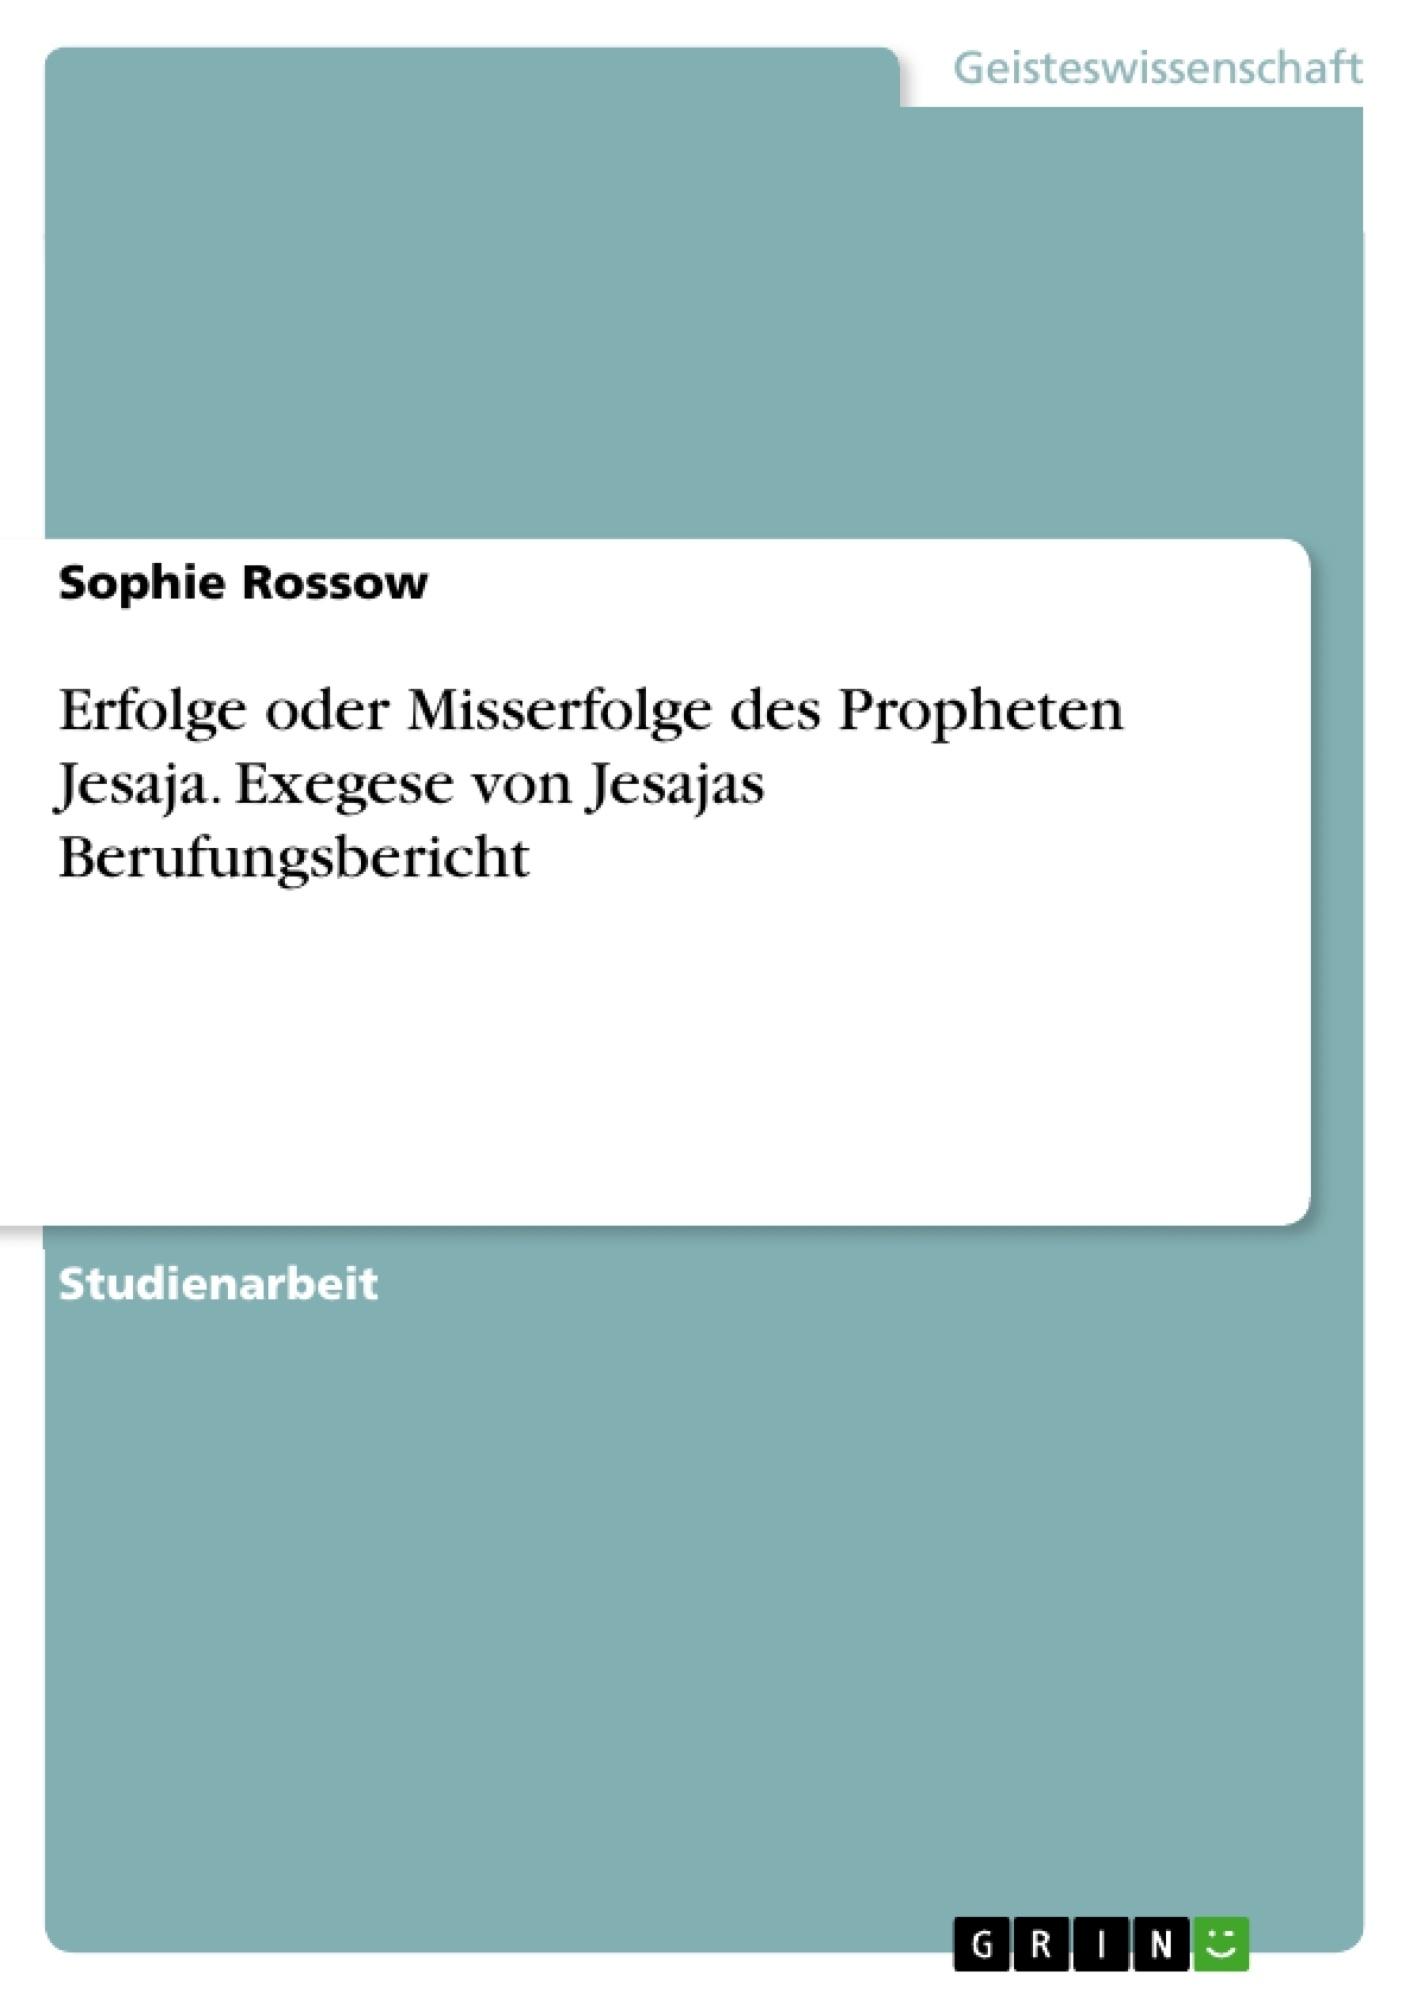 Titel: Erfolge oder Misserfolge des Propheten Jesaja. Exegese von Jesajas Berufungsbericht